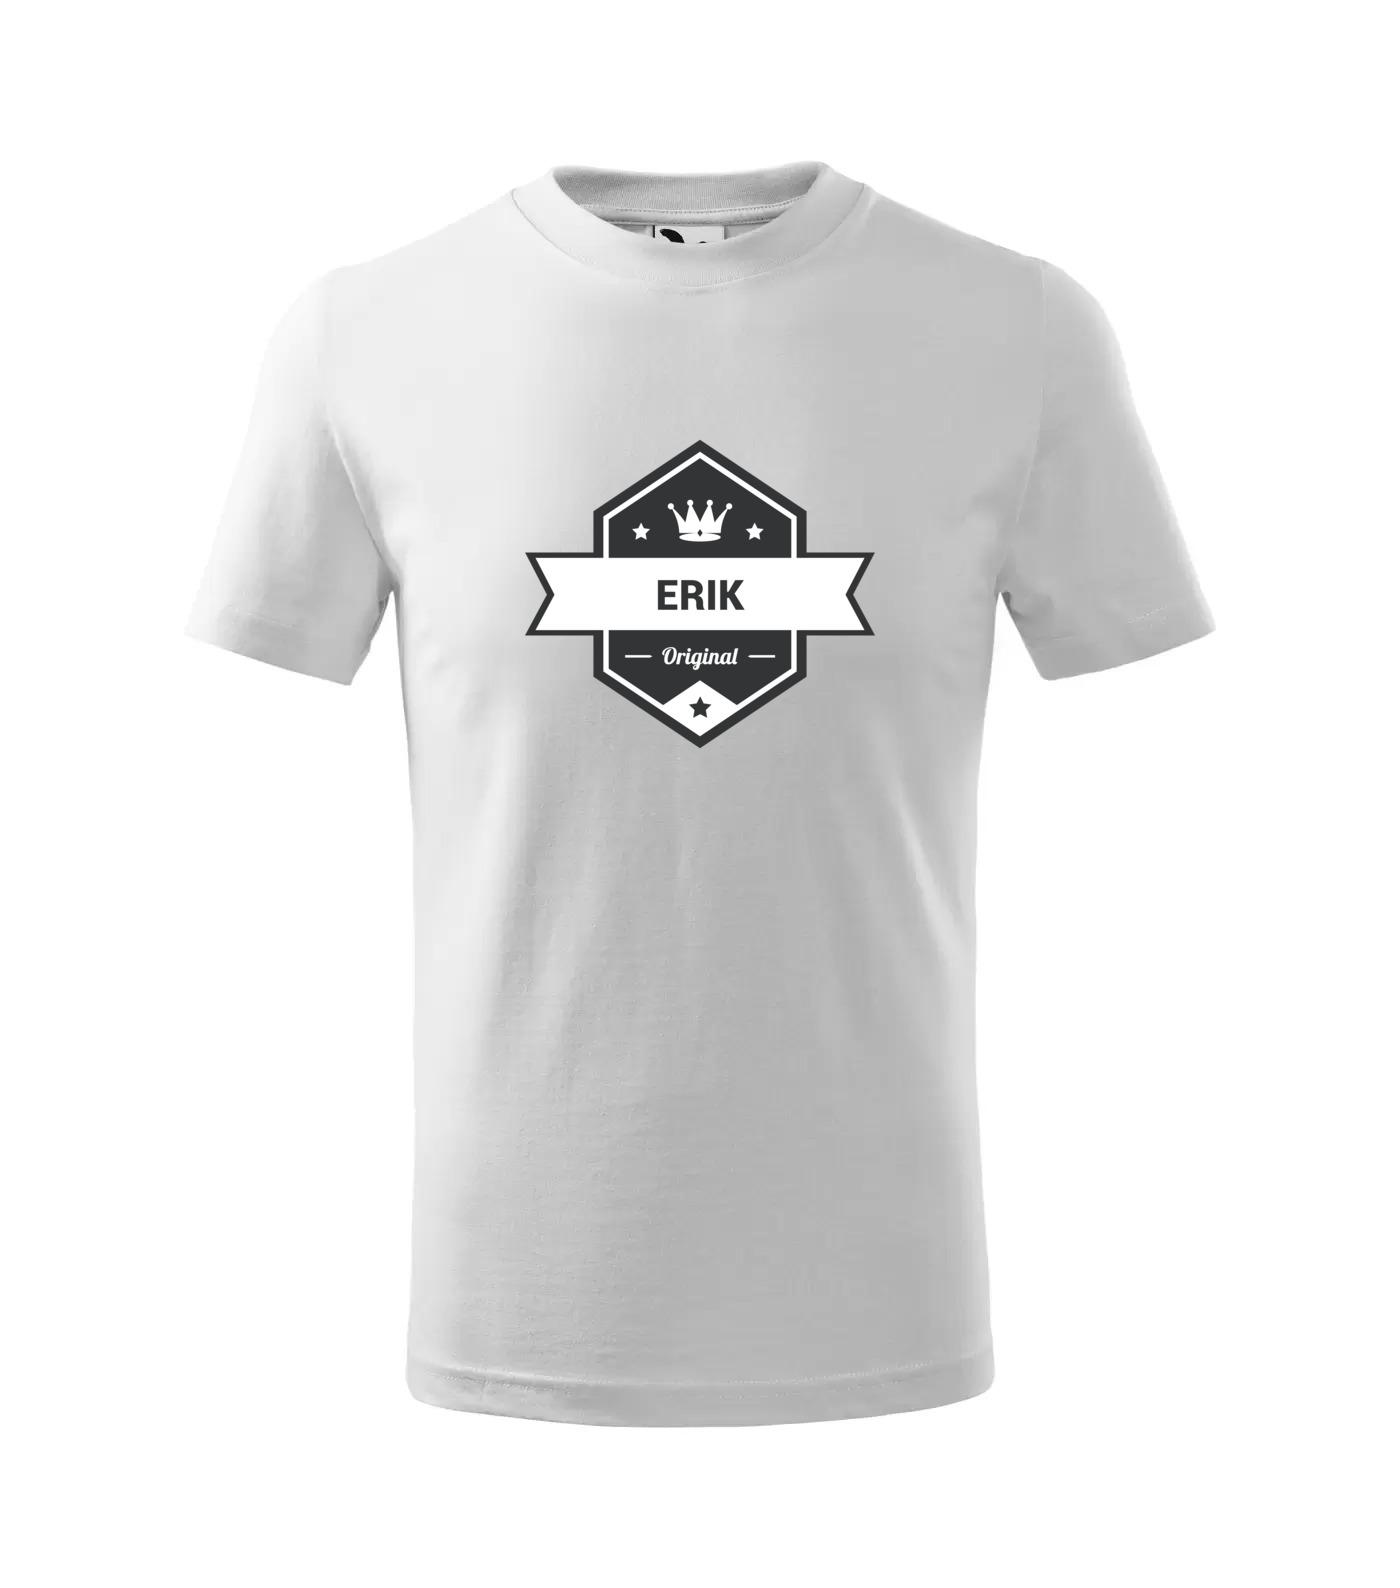 Tričko King Erik